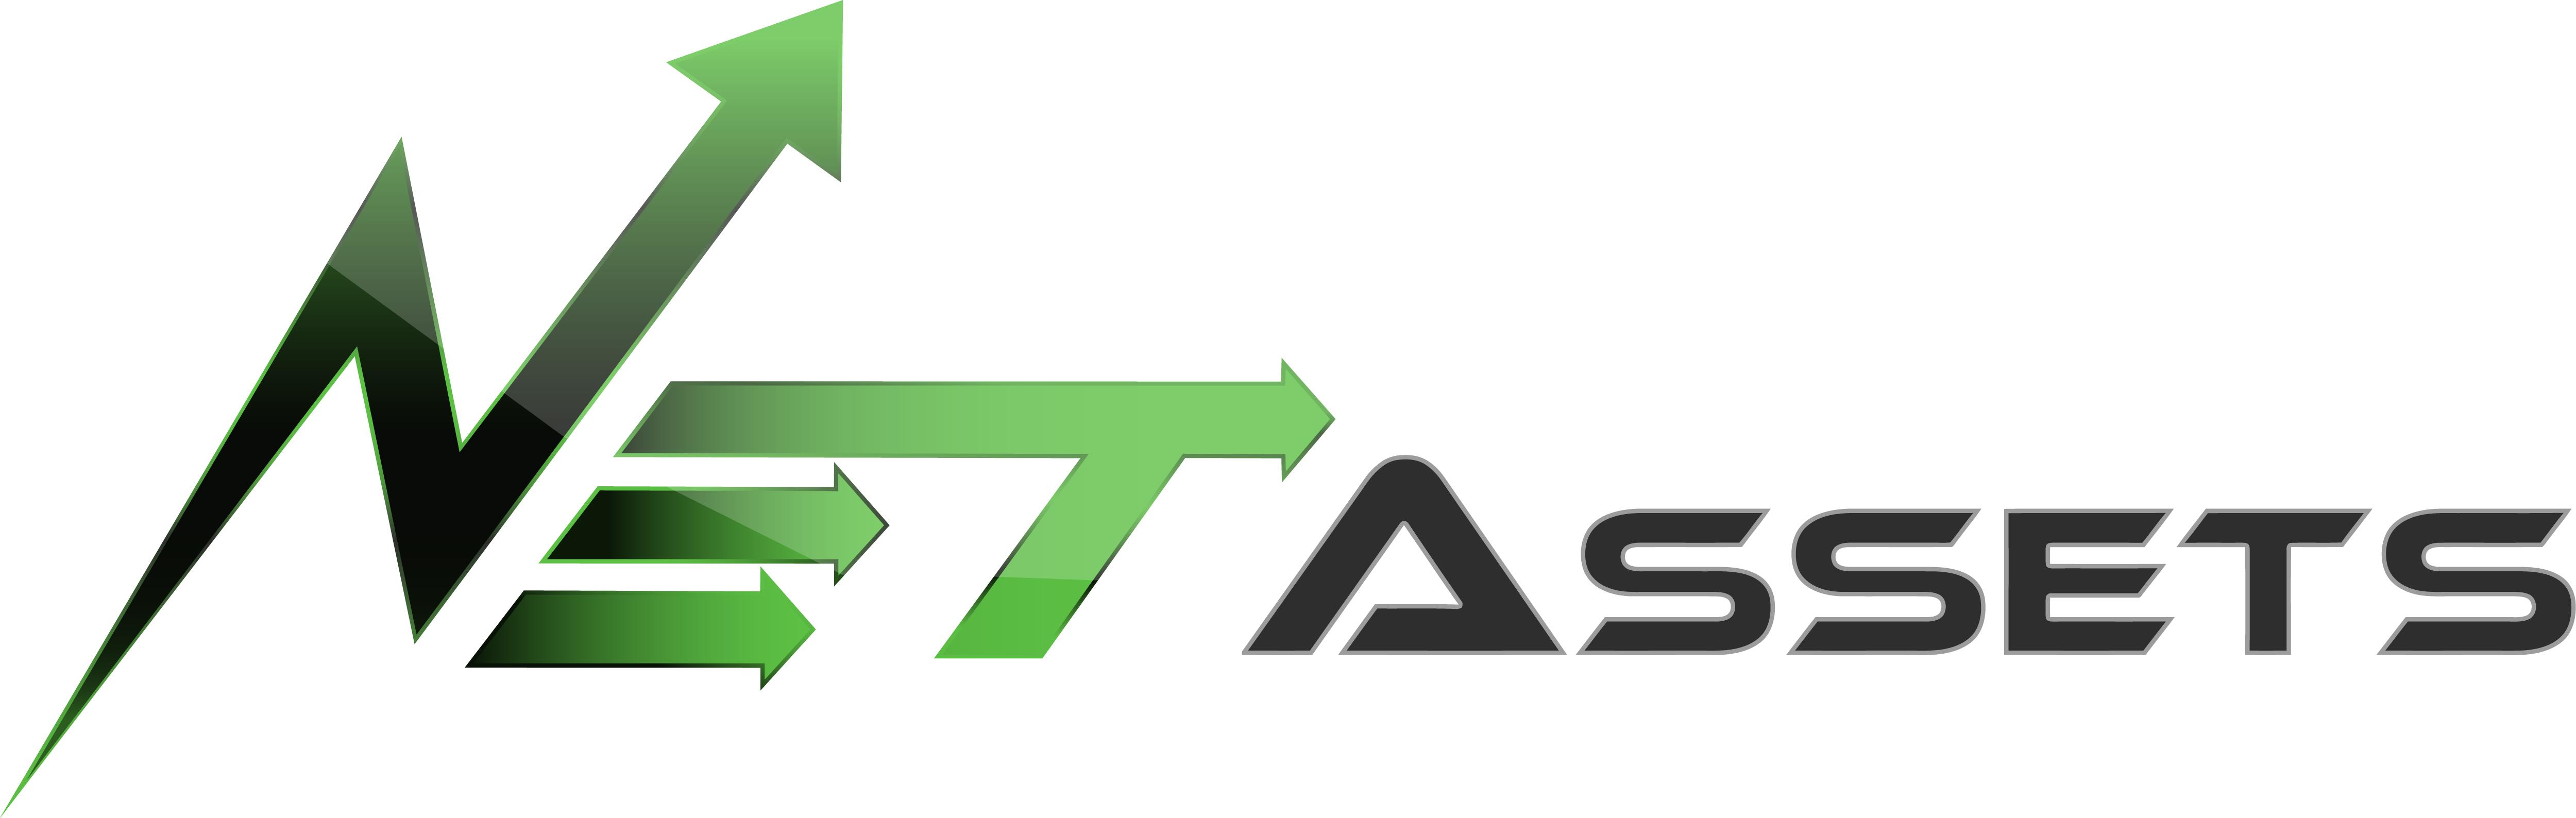 Net Assets, a chatbot developer